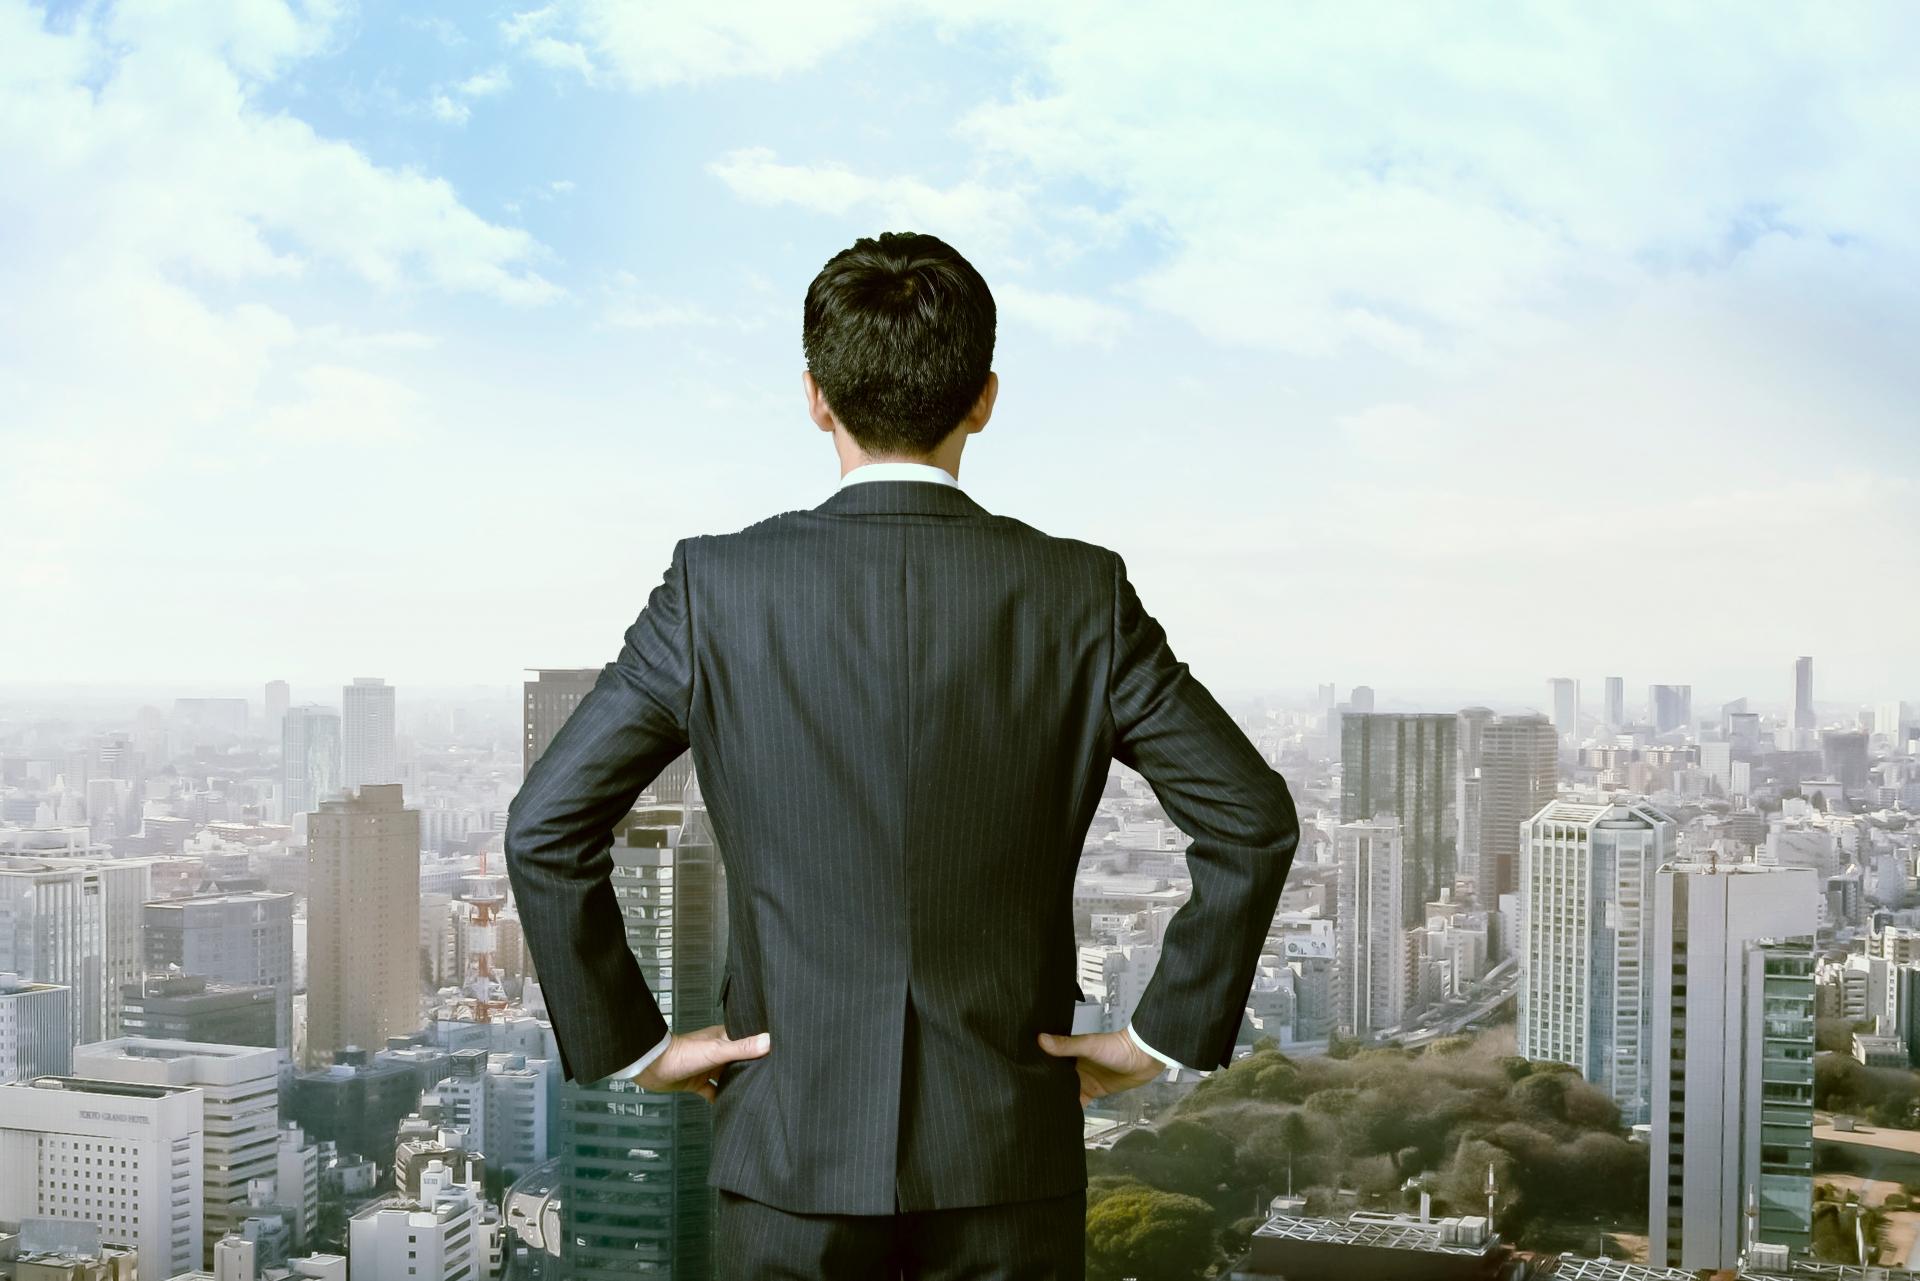 ネガティブな理由で転職を決意していませんか?